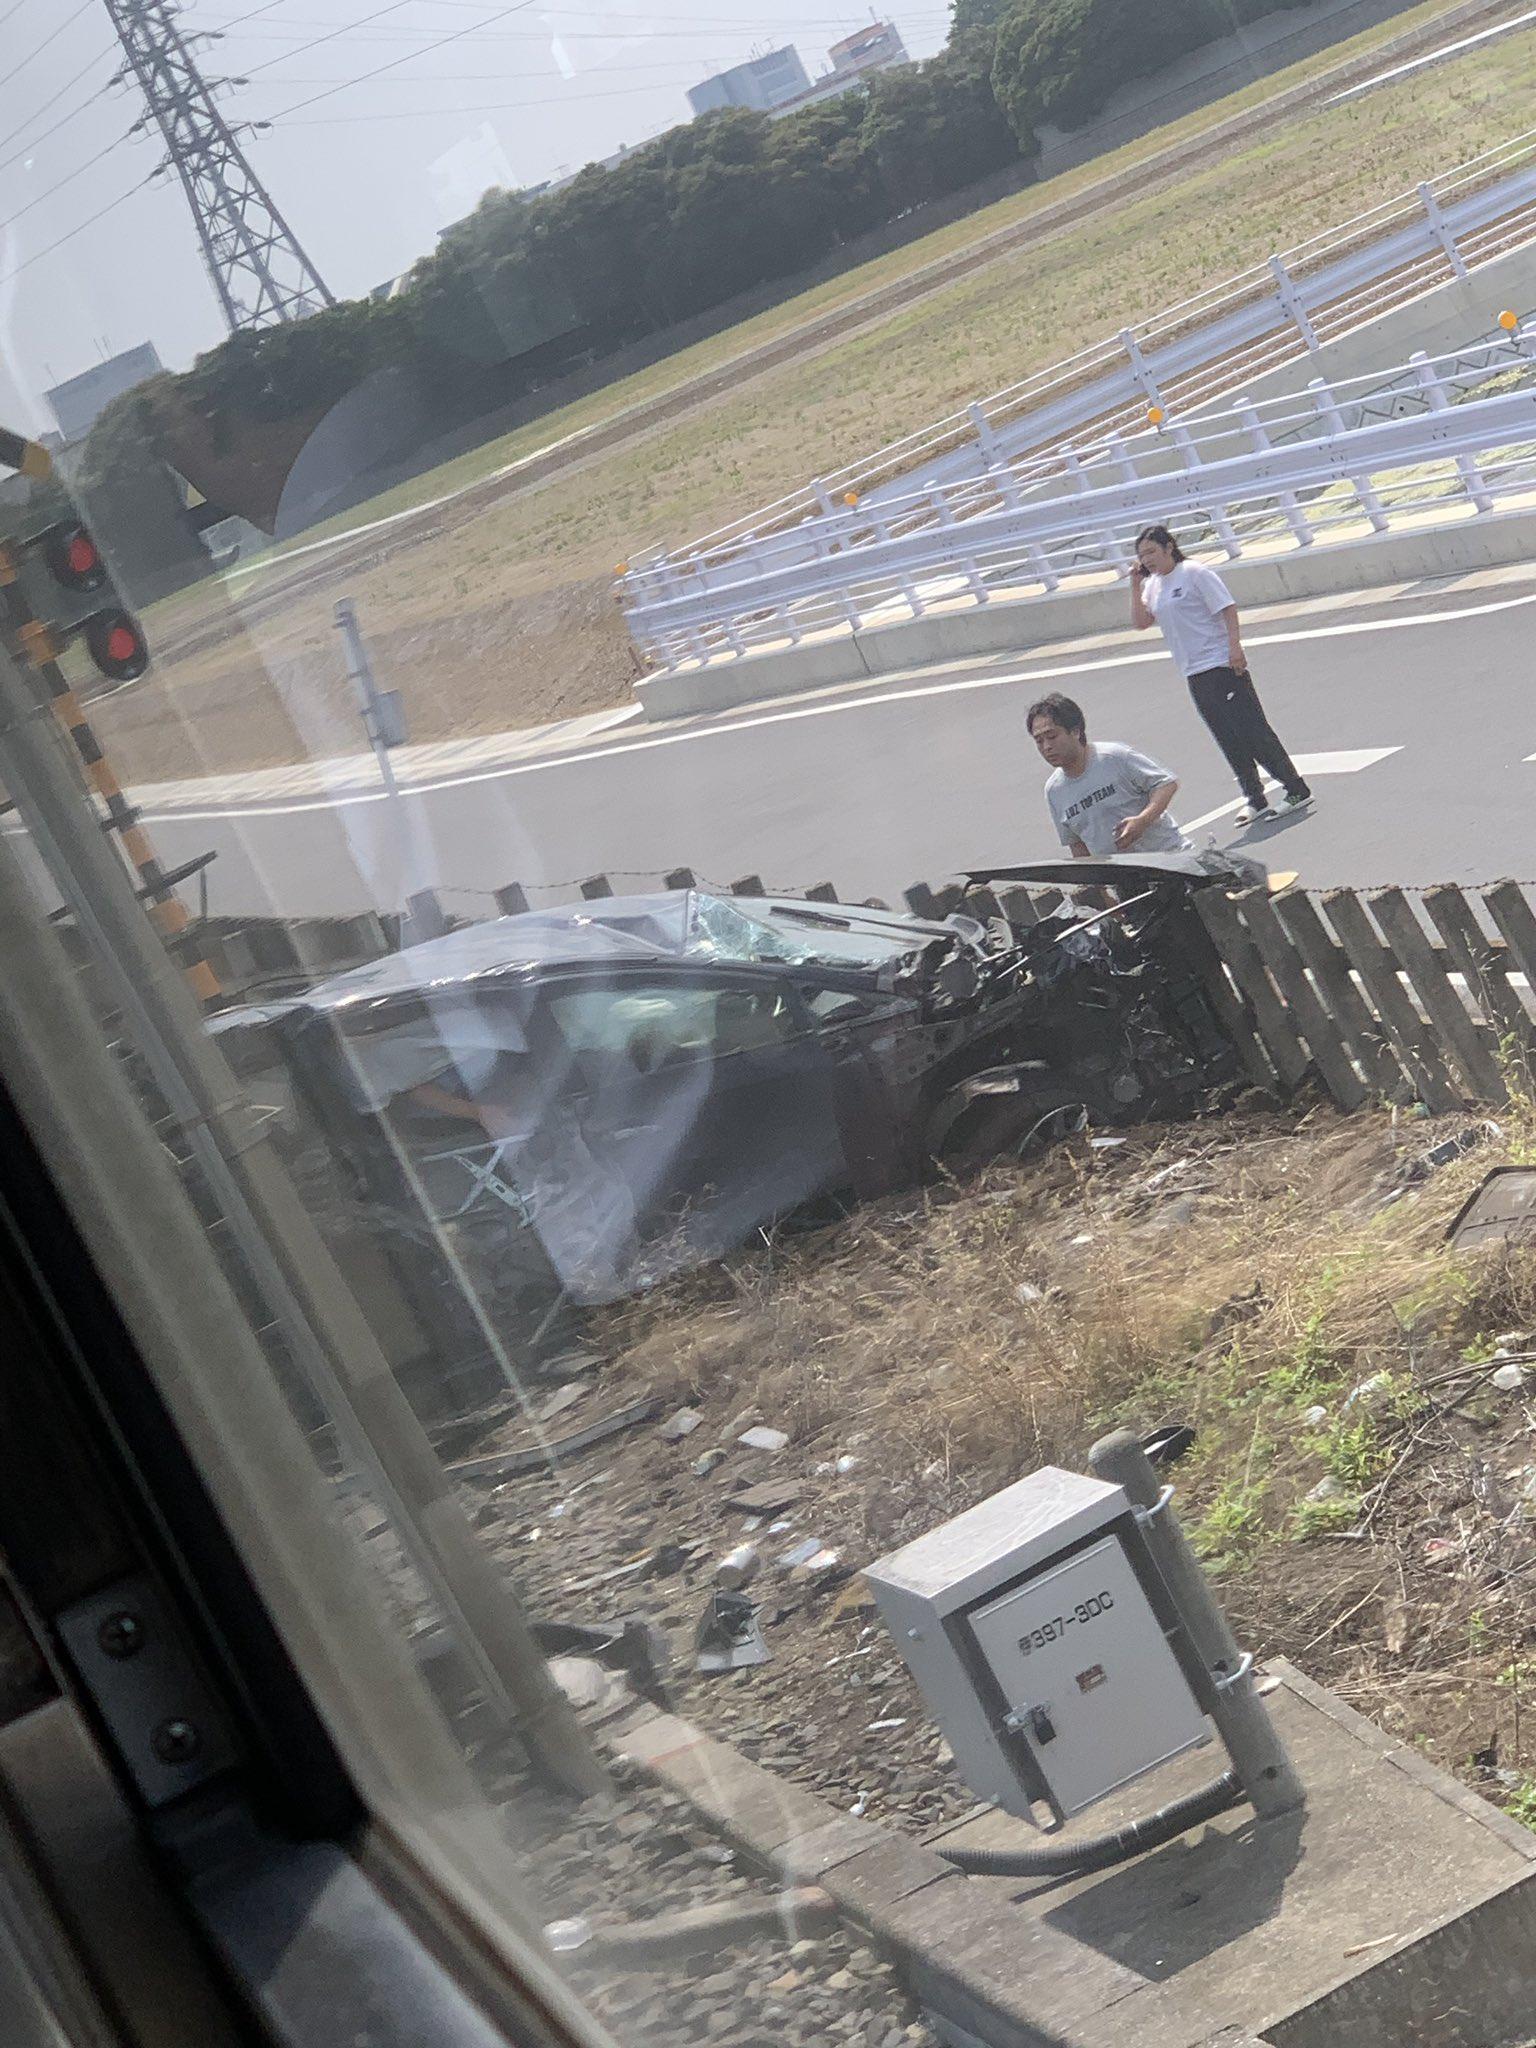 東武伊勢崎線の踏切で電車と車が衝突した事故現場の画像